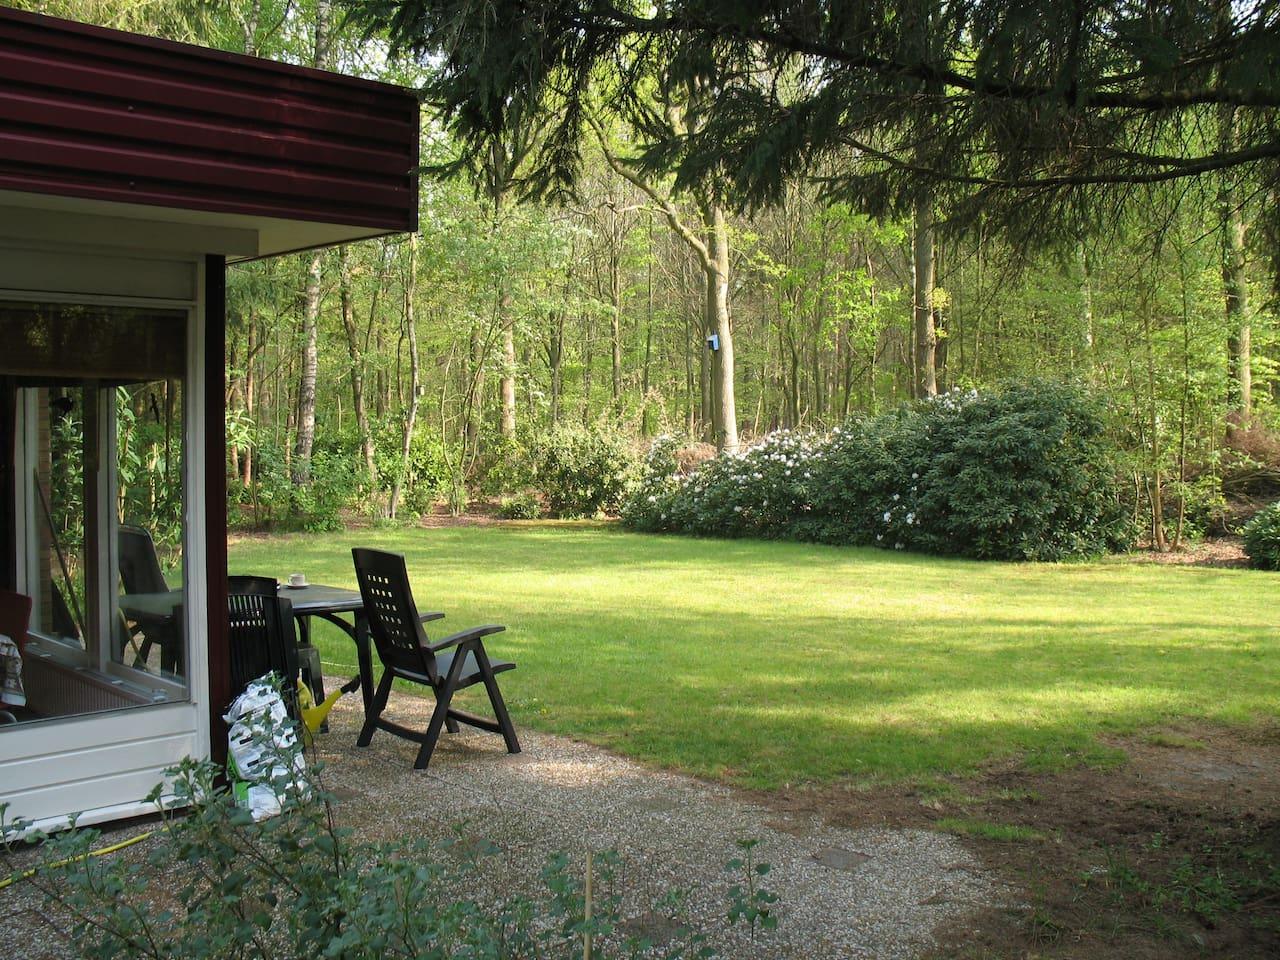 Bosbungalow aan de bosrand - Zomerhuisjes/cottages te Huur in Koekange